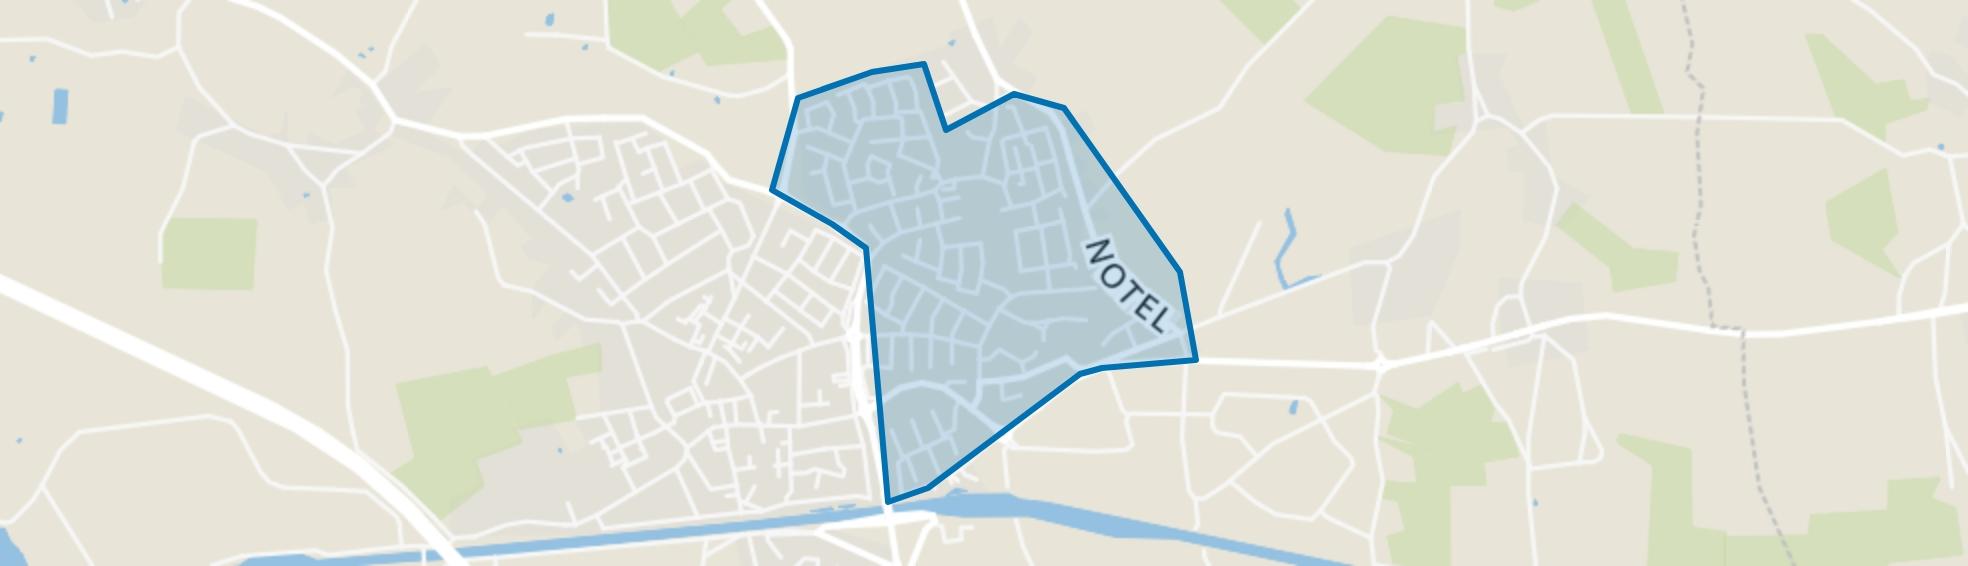 De Notel, Oirschot map